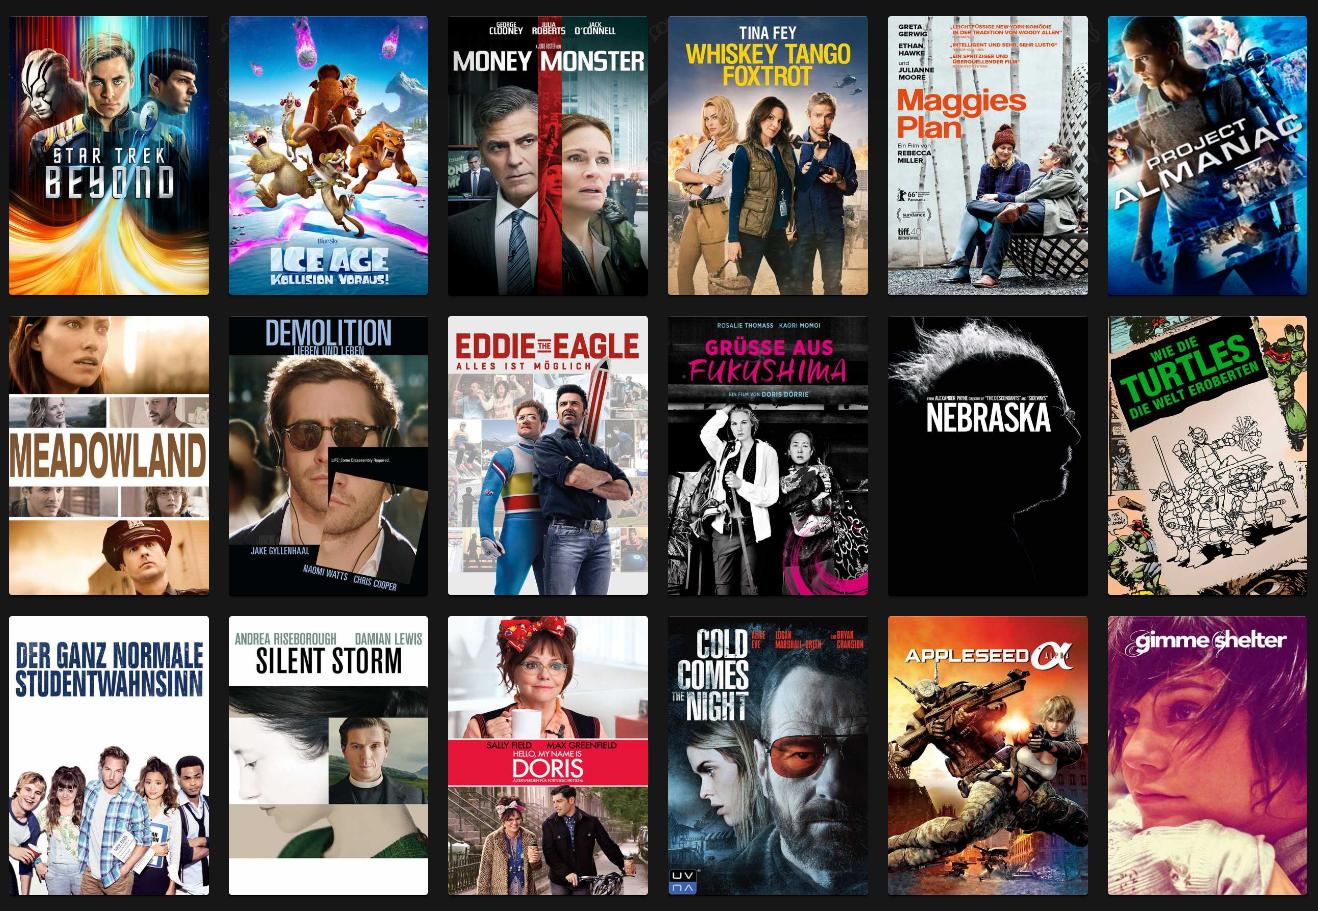 Wuaki Day - 18 Filme für je 99 Cent